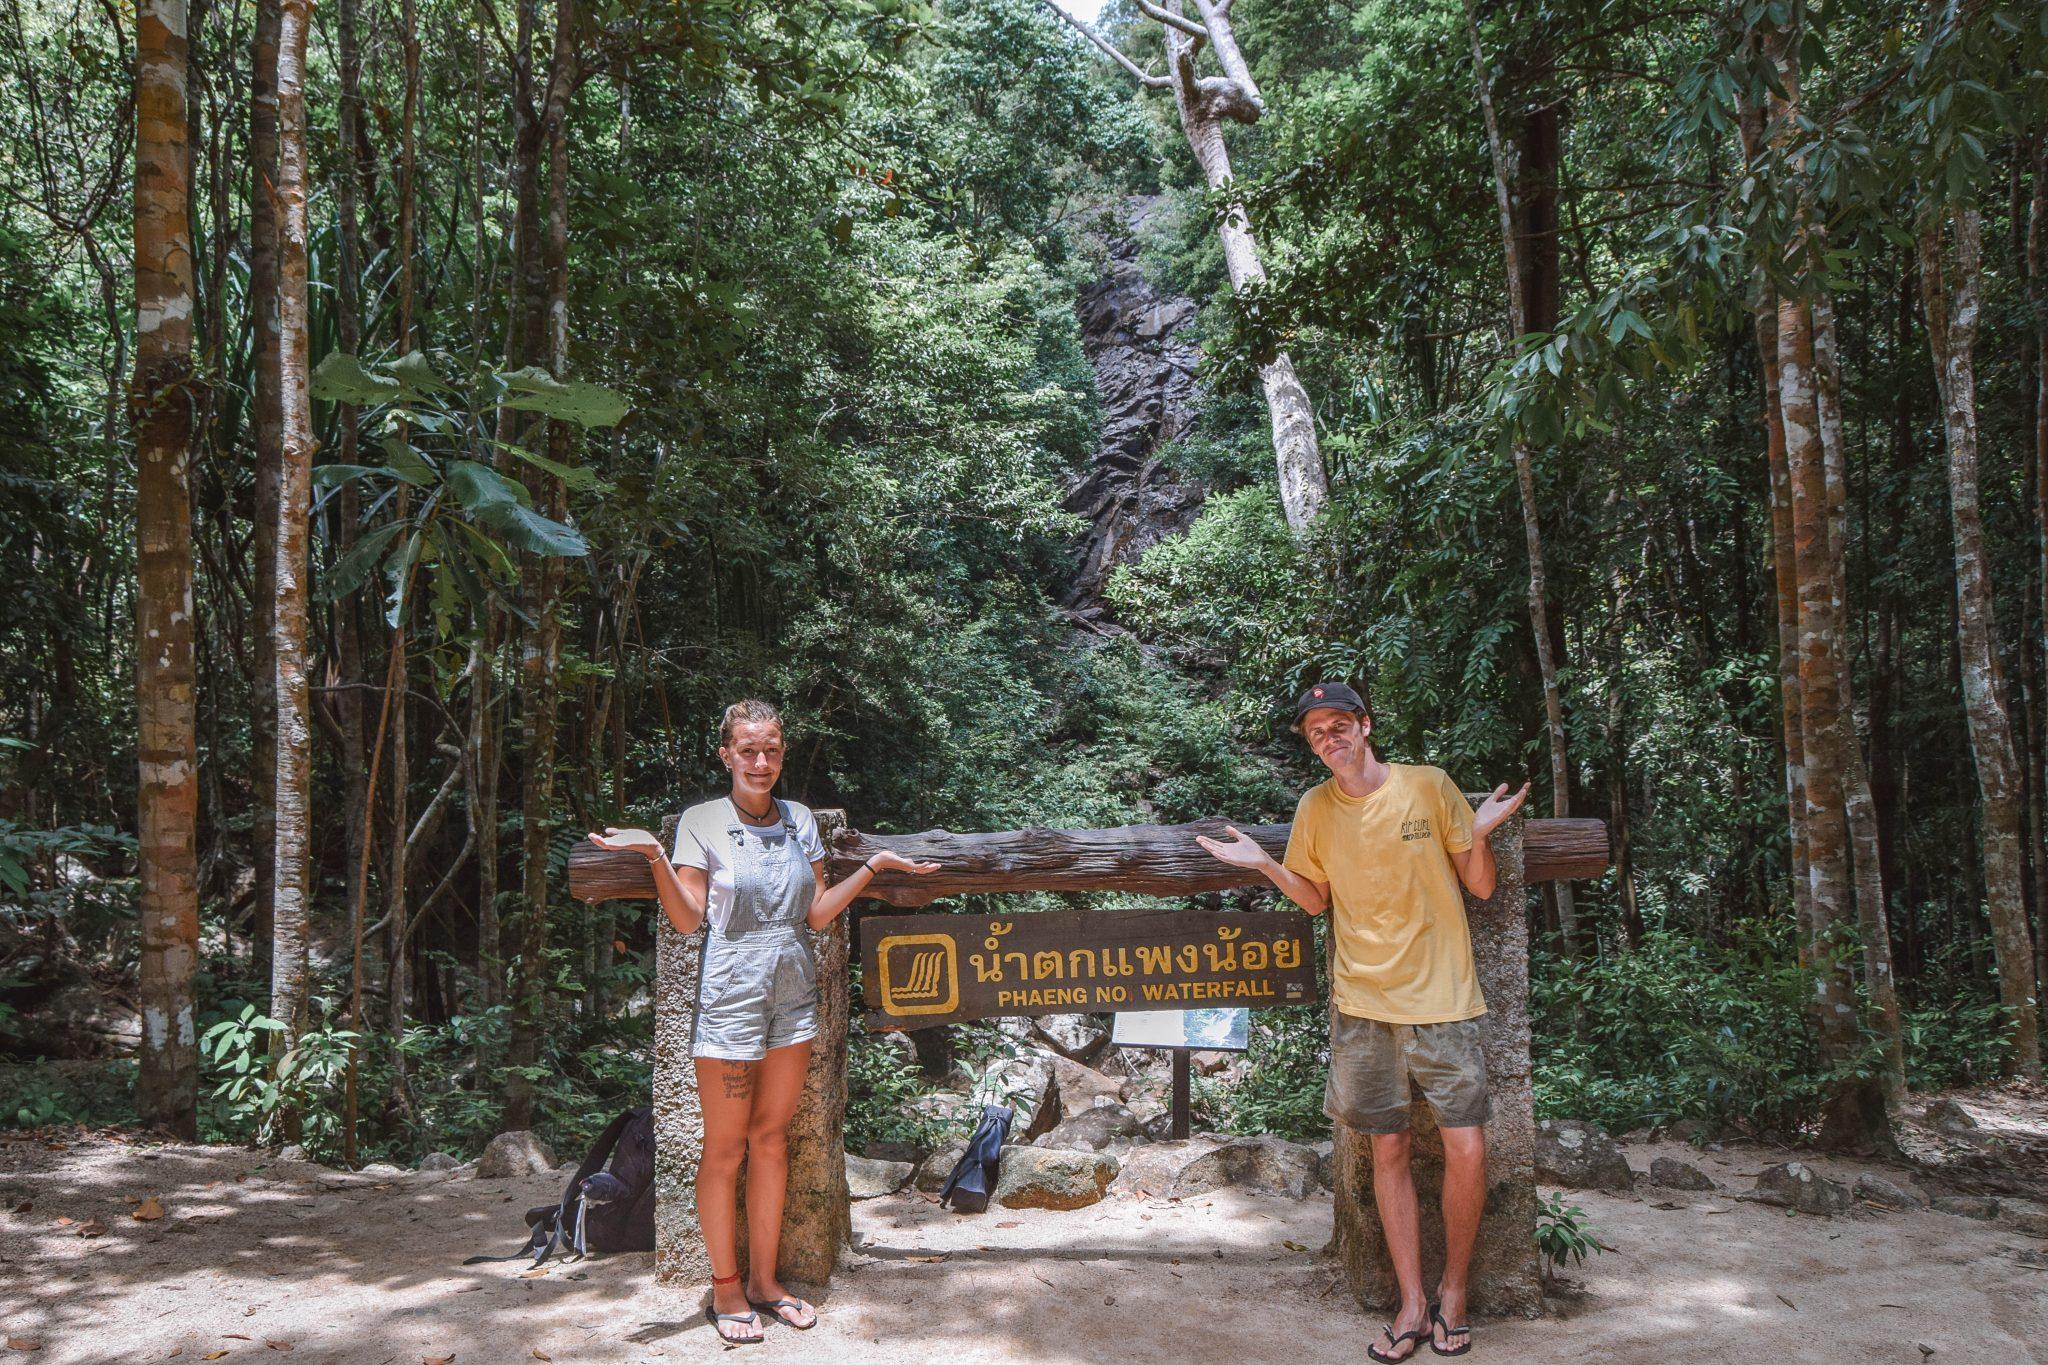 Wanderers & Warriors - Charlie & Lauren UK Travel Couple - Phaeng Waterfall Koh Phangan Waterfall - Koh Phangan Waterfalls In Koh Phangan